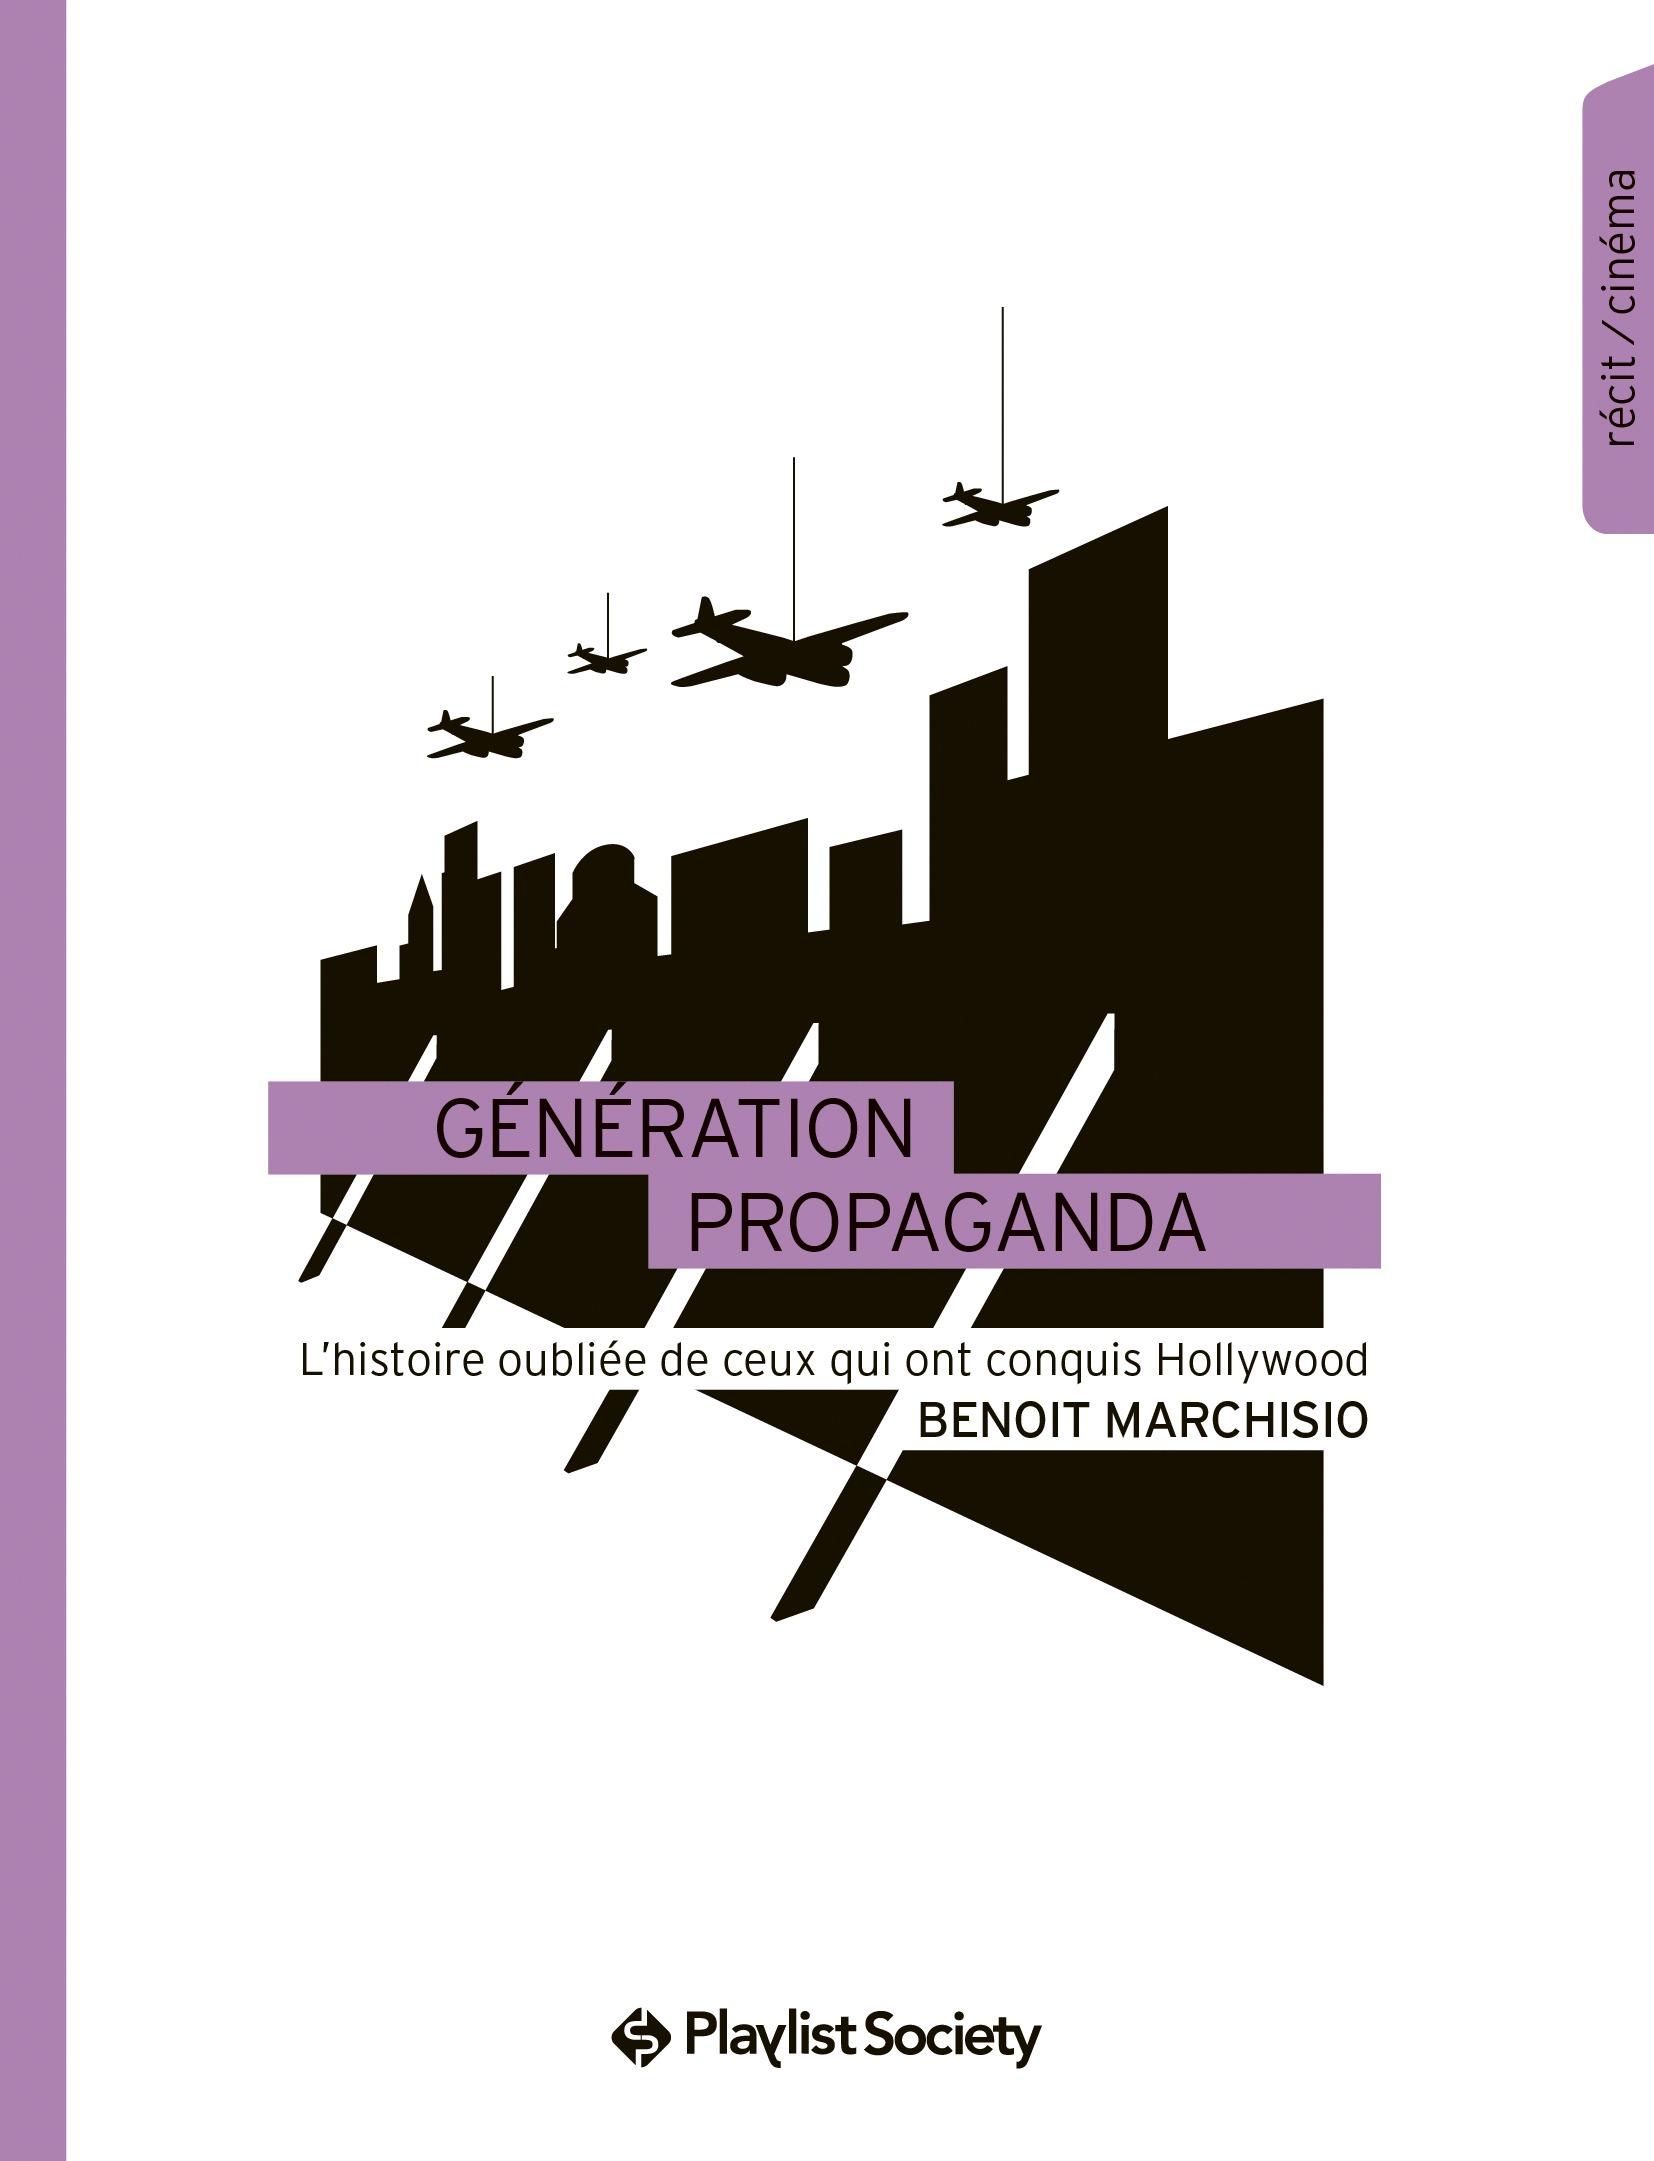 Génération Propaganda, L'HISTOIRE OUBLIÉE DE CEUX QUI ONT CONQUIS HOLLYWOOD